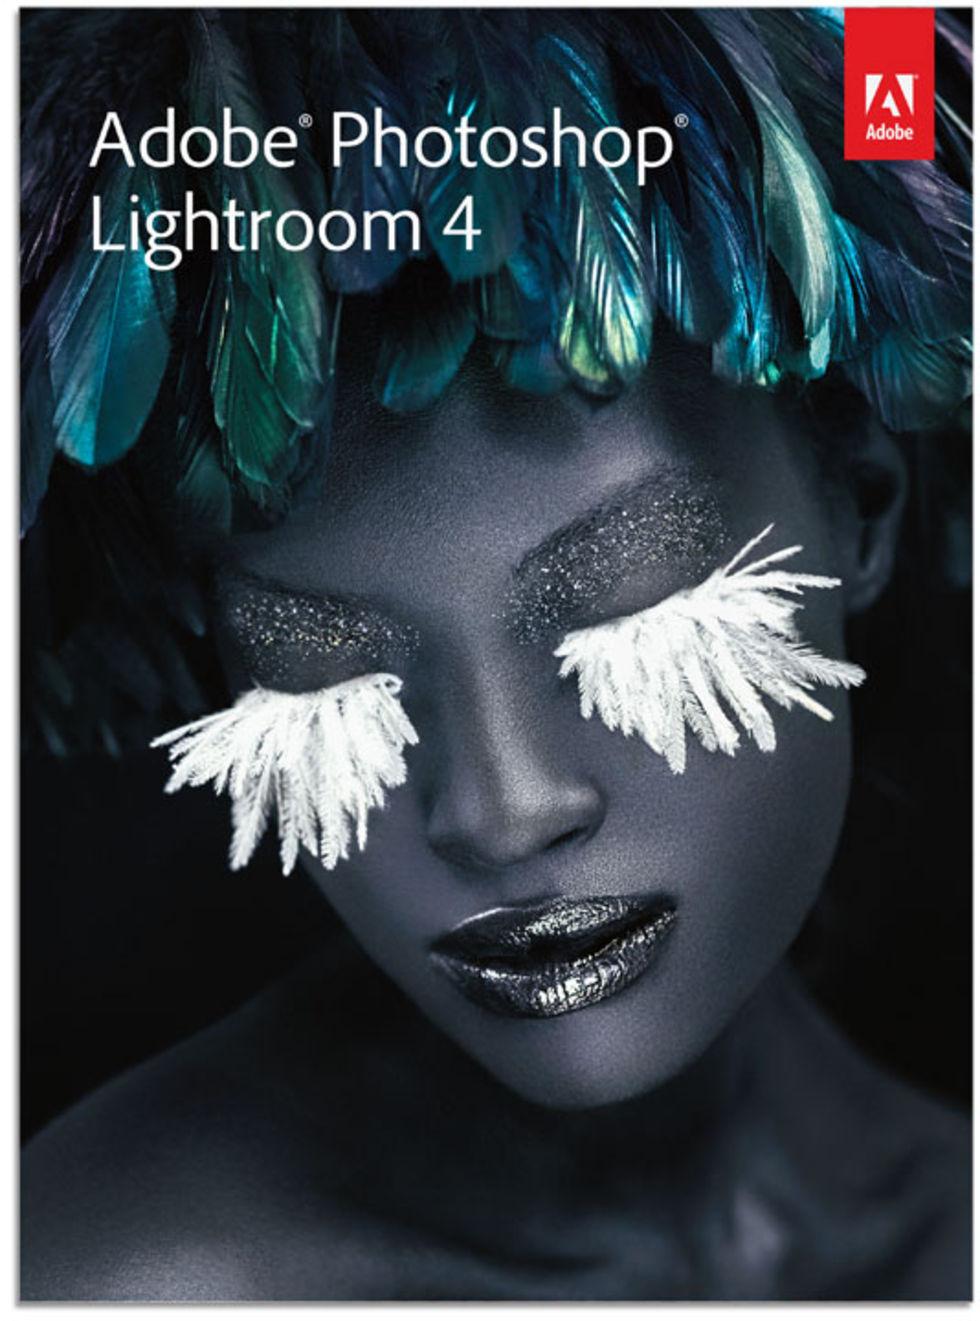 Adobe släpper Lightroom 4